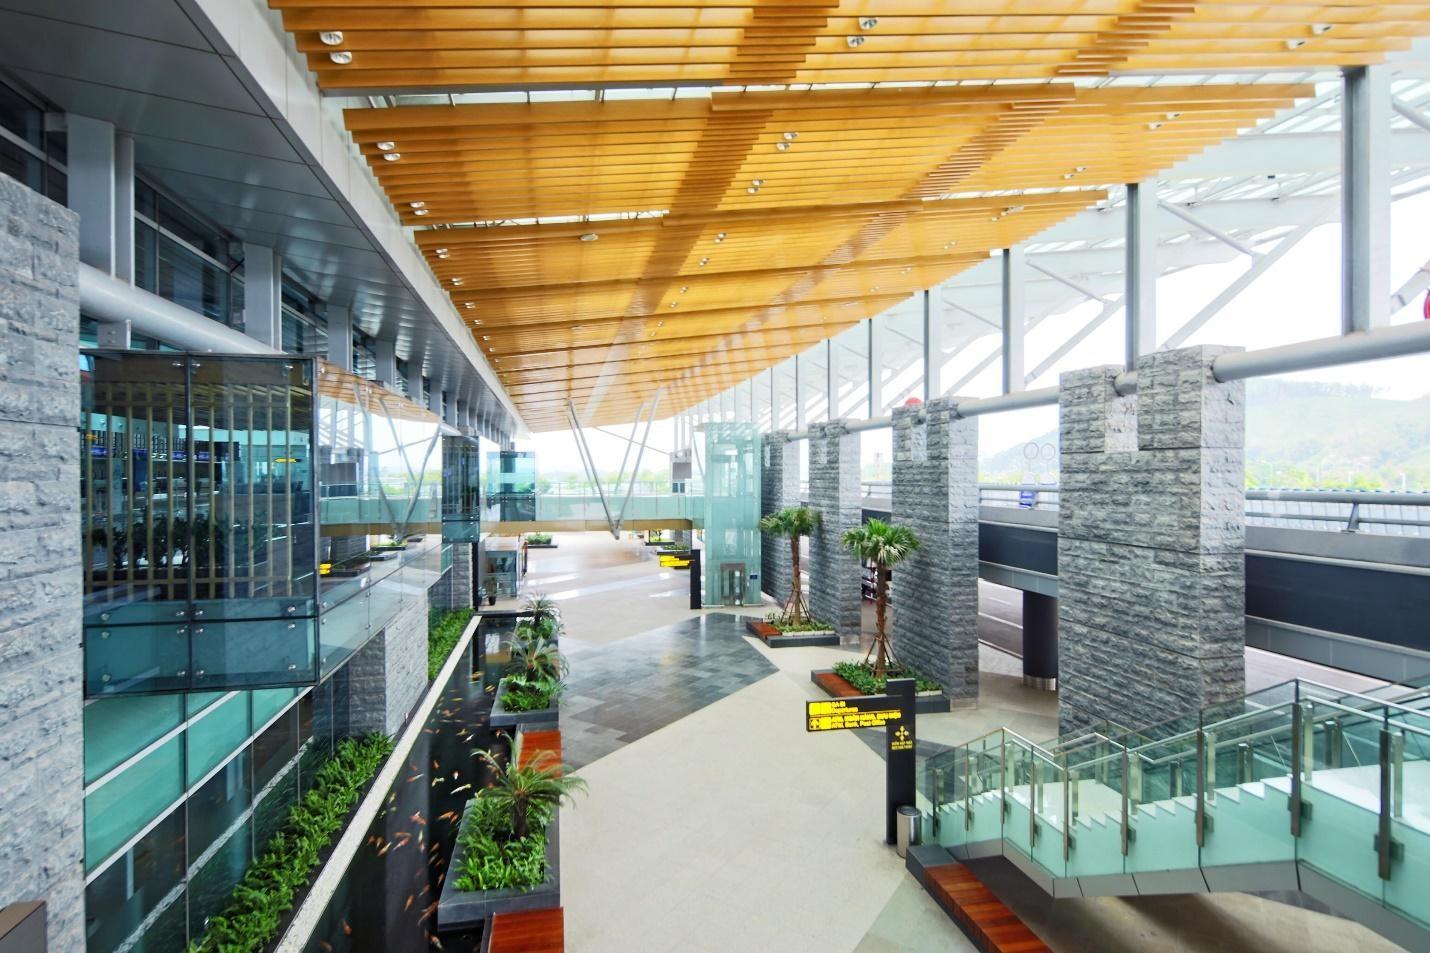 Hệ thống công nghệ tại sân bay hiện đại nhất Việt Nam có gì? - Ảnh 7